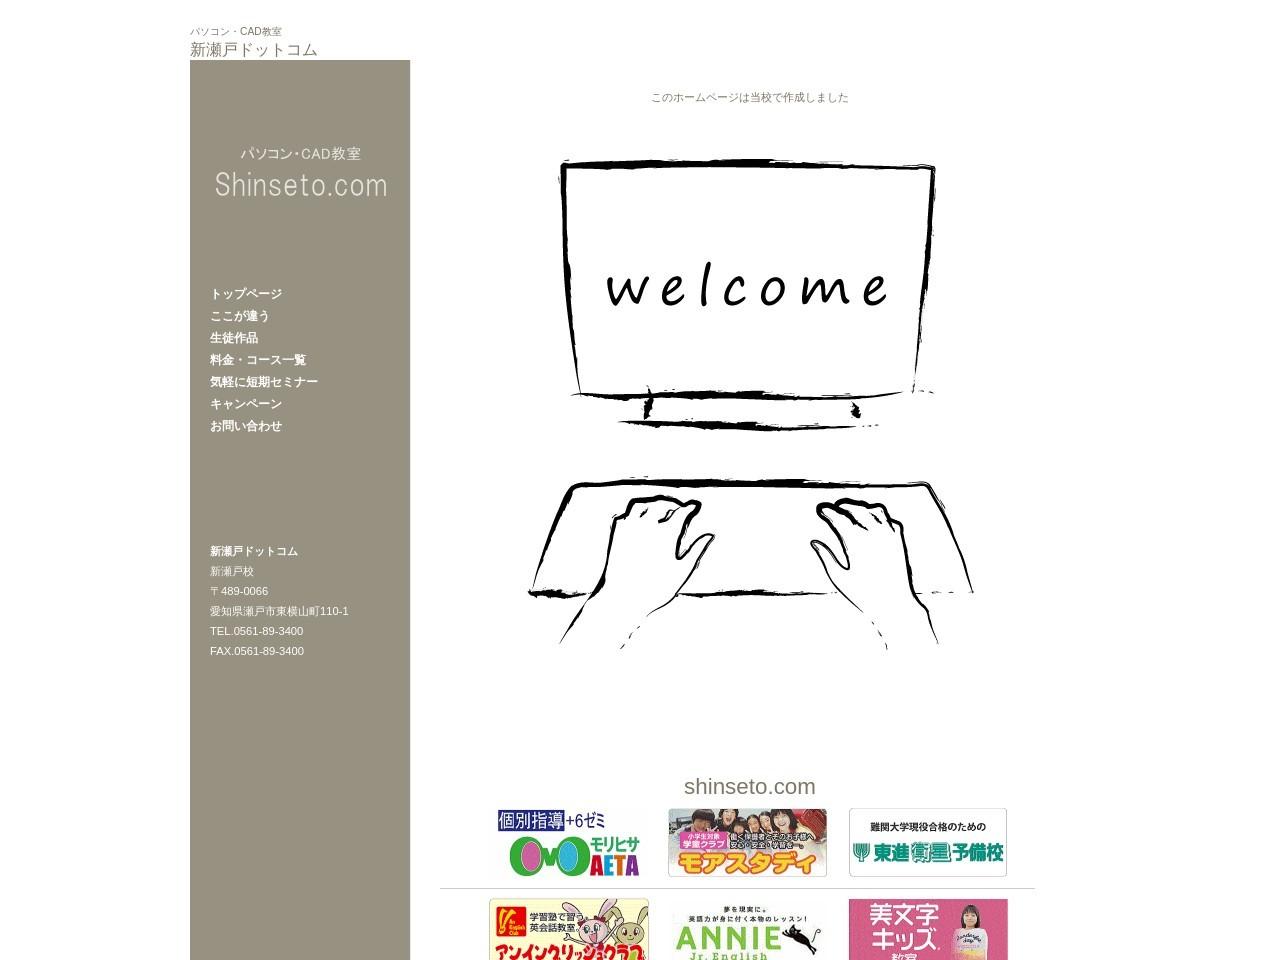 森久学園/本部事務局